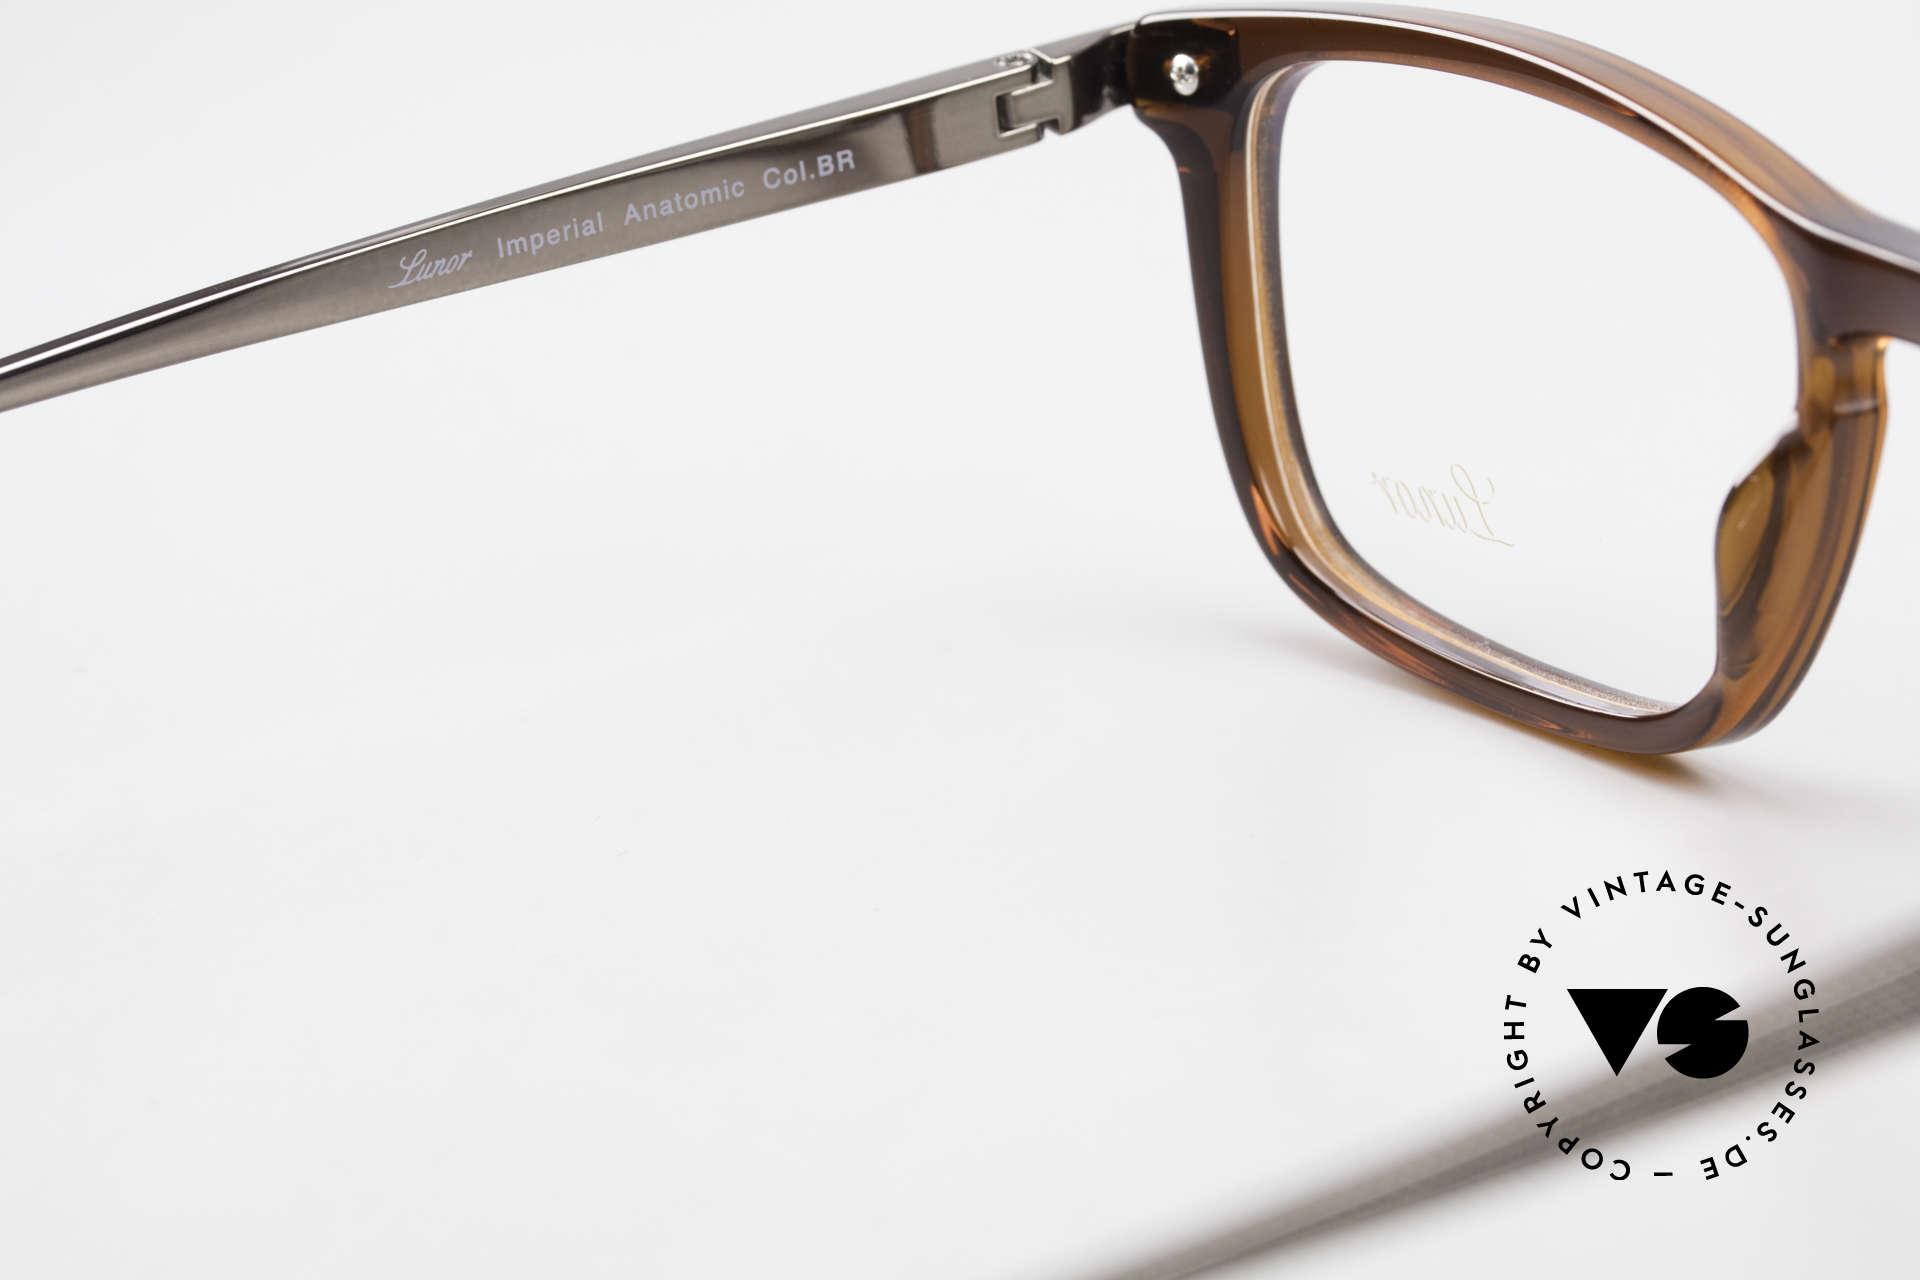 Lunor Imperial Anatomic Titanium Brille 2012 Unisex, Fassung in Größe 52/18 kann beliebig verglast werden, Passend für Herren und Damen